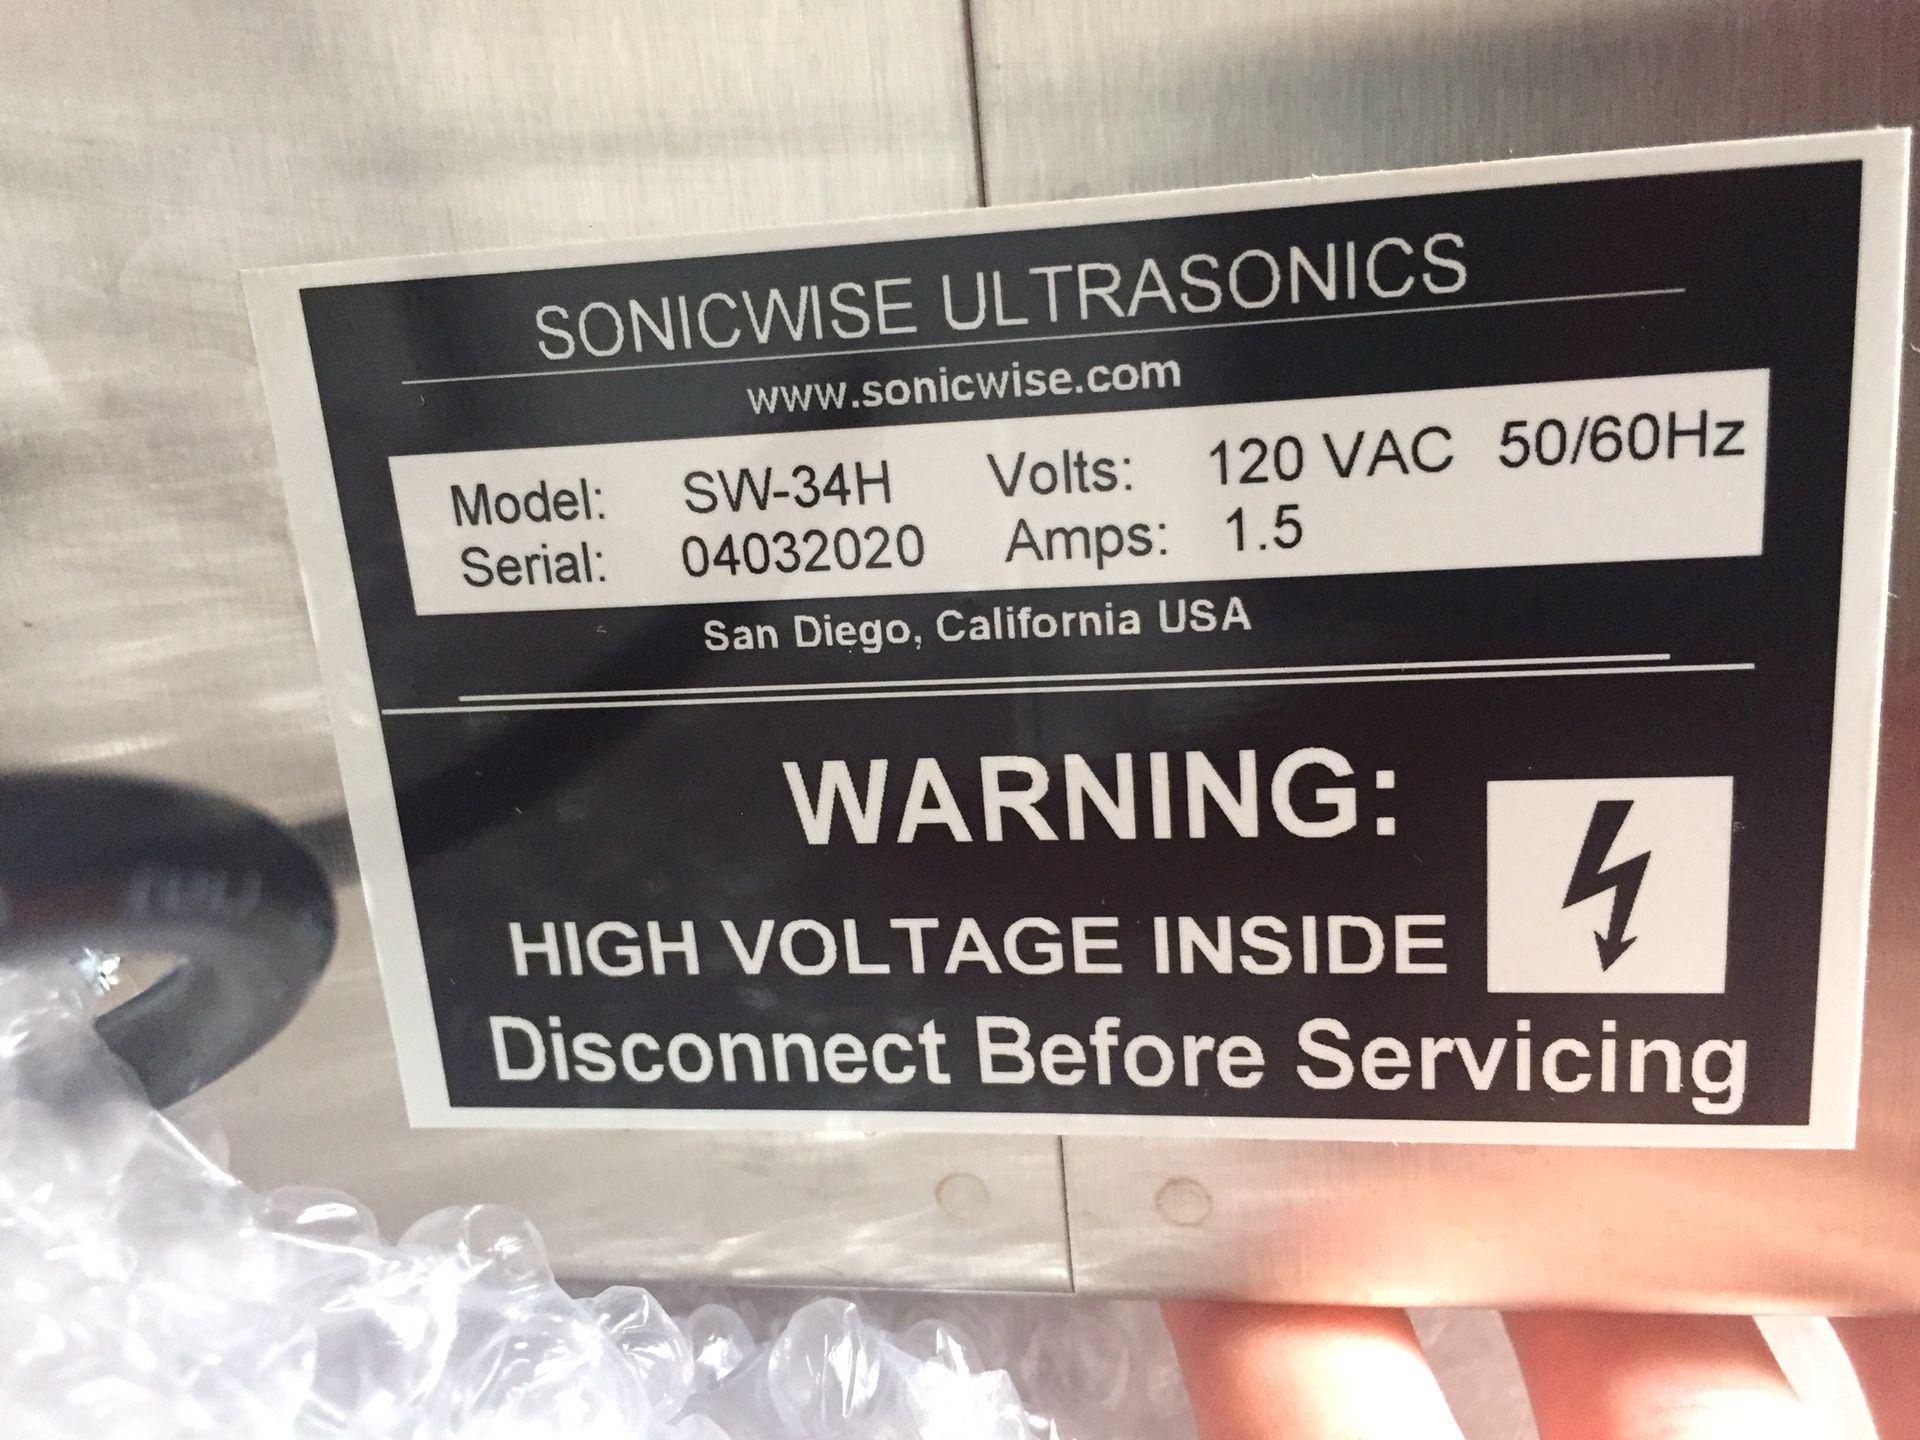 Sonic wise Ultrasonic Cleaner 2.75 Qt.